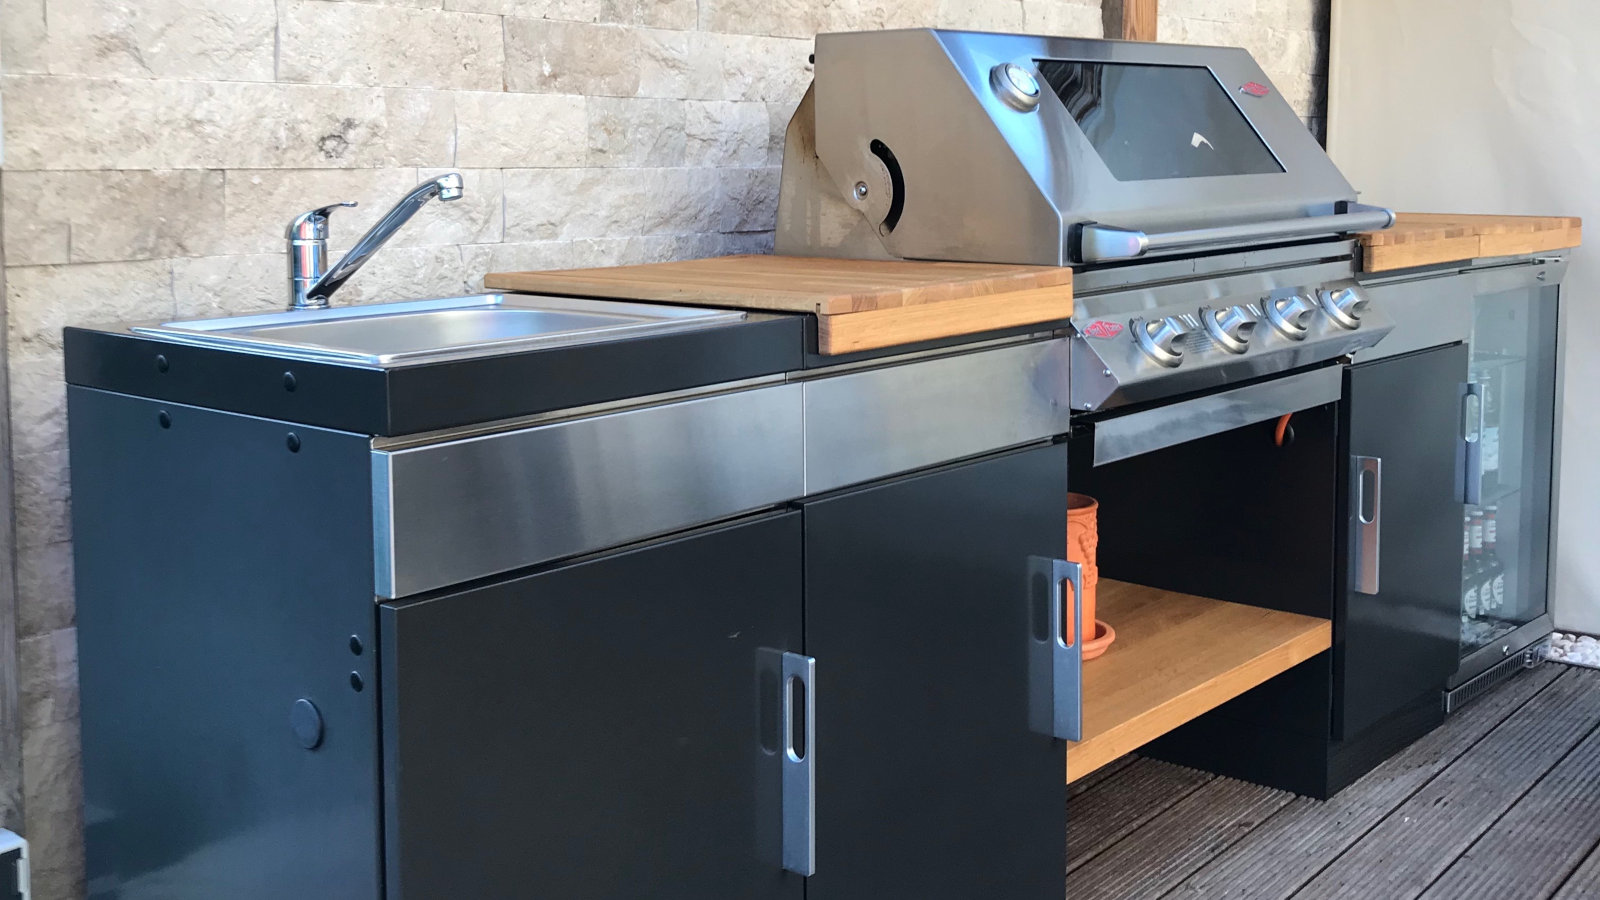 Edelstahl Outdoor Küche : Beefeater outdoorküche traumküche bauen mit gardelino